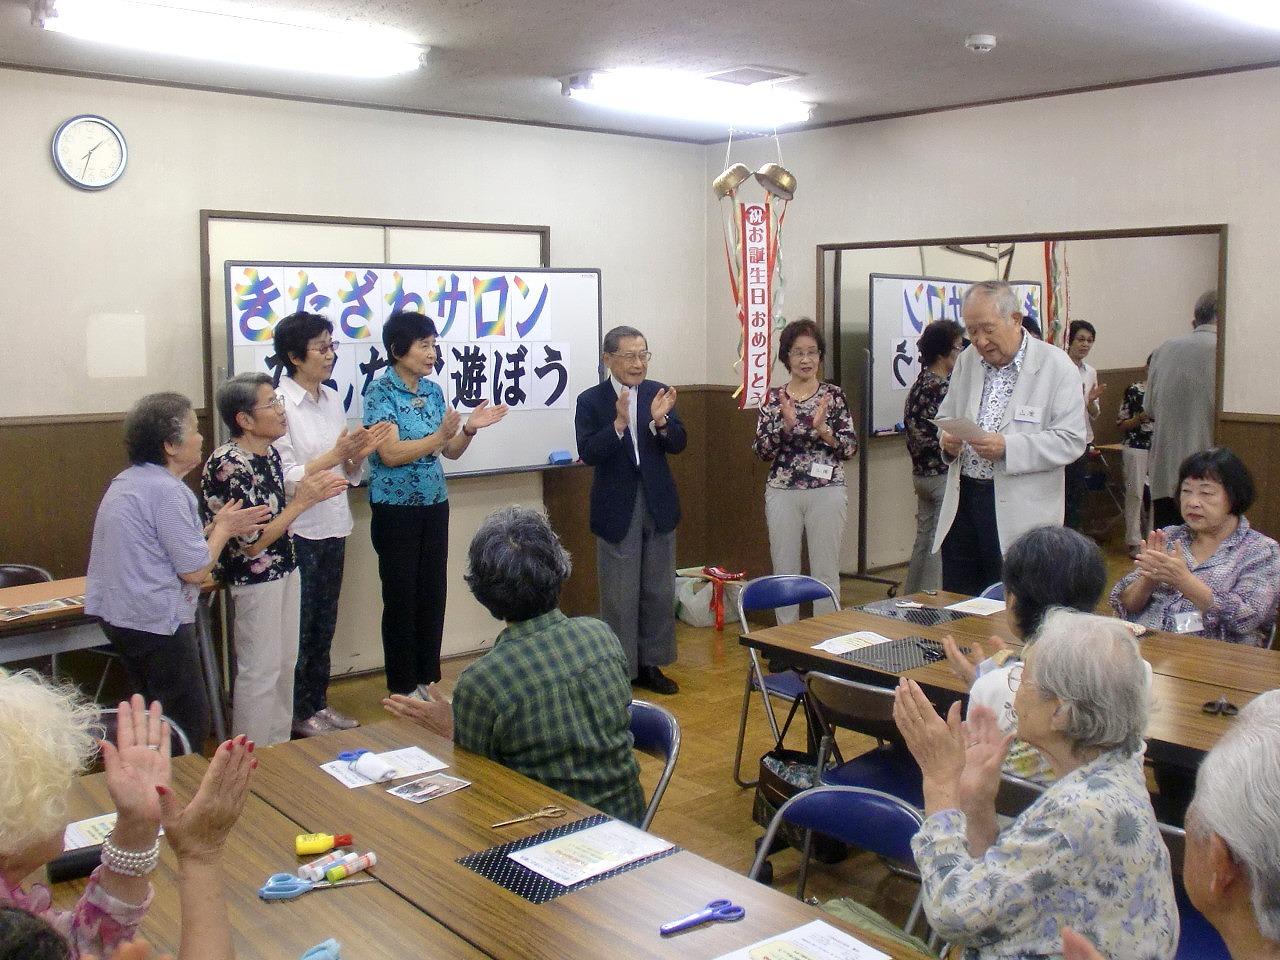 80-1kitazawasalon